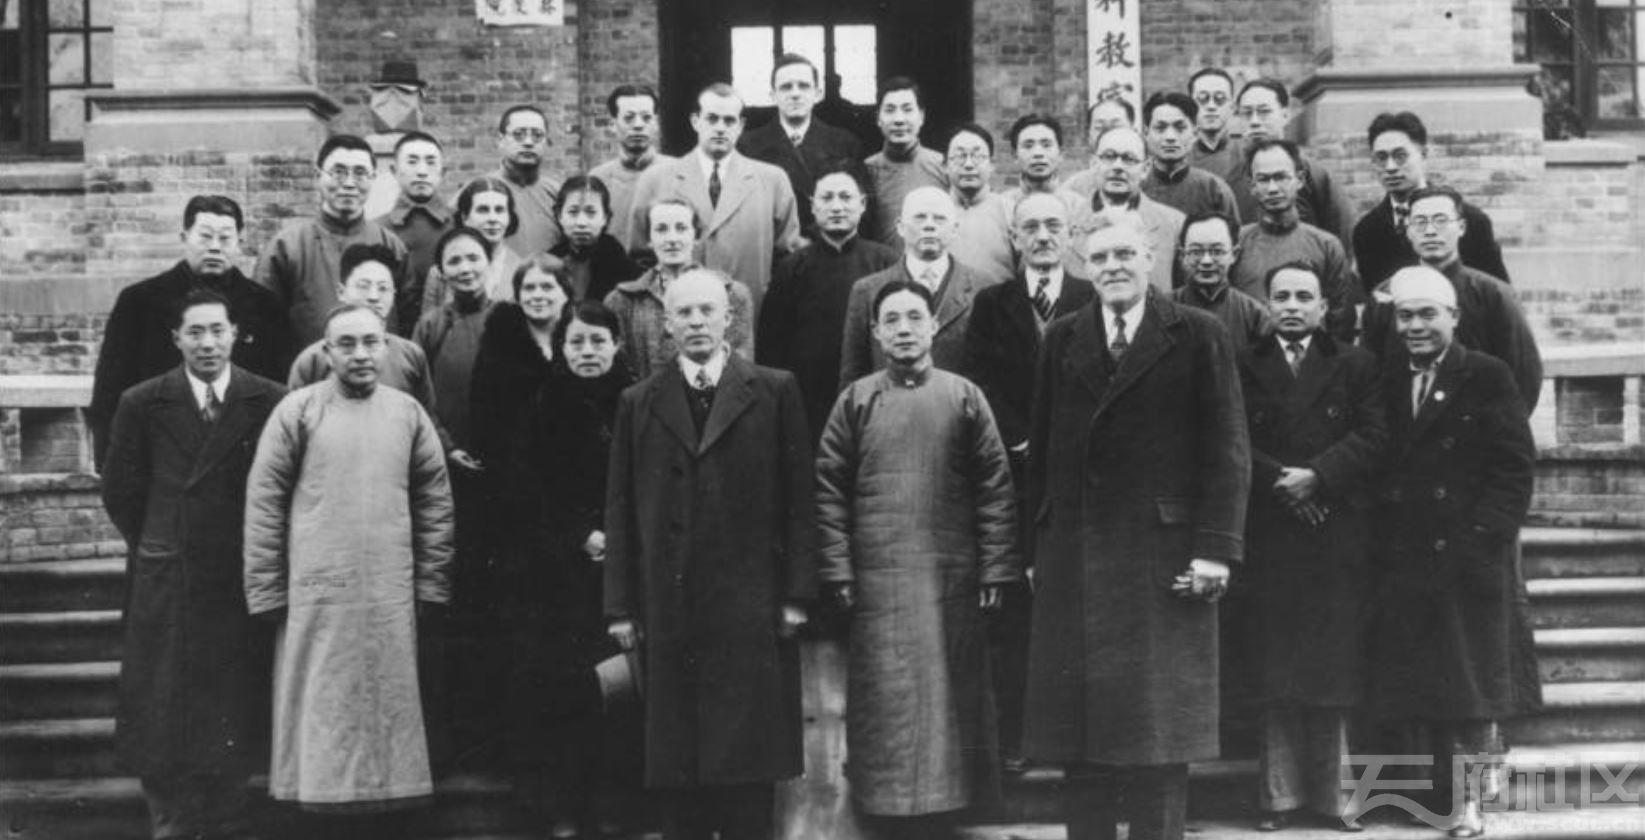 6 华西大学 教职员合影 ca.1935.JPG